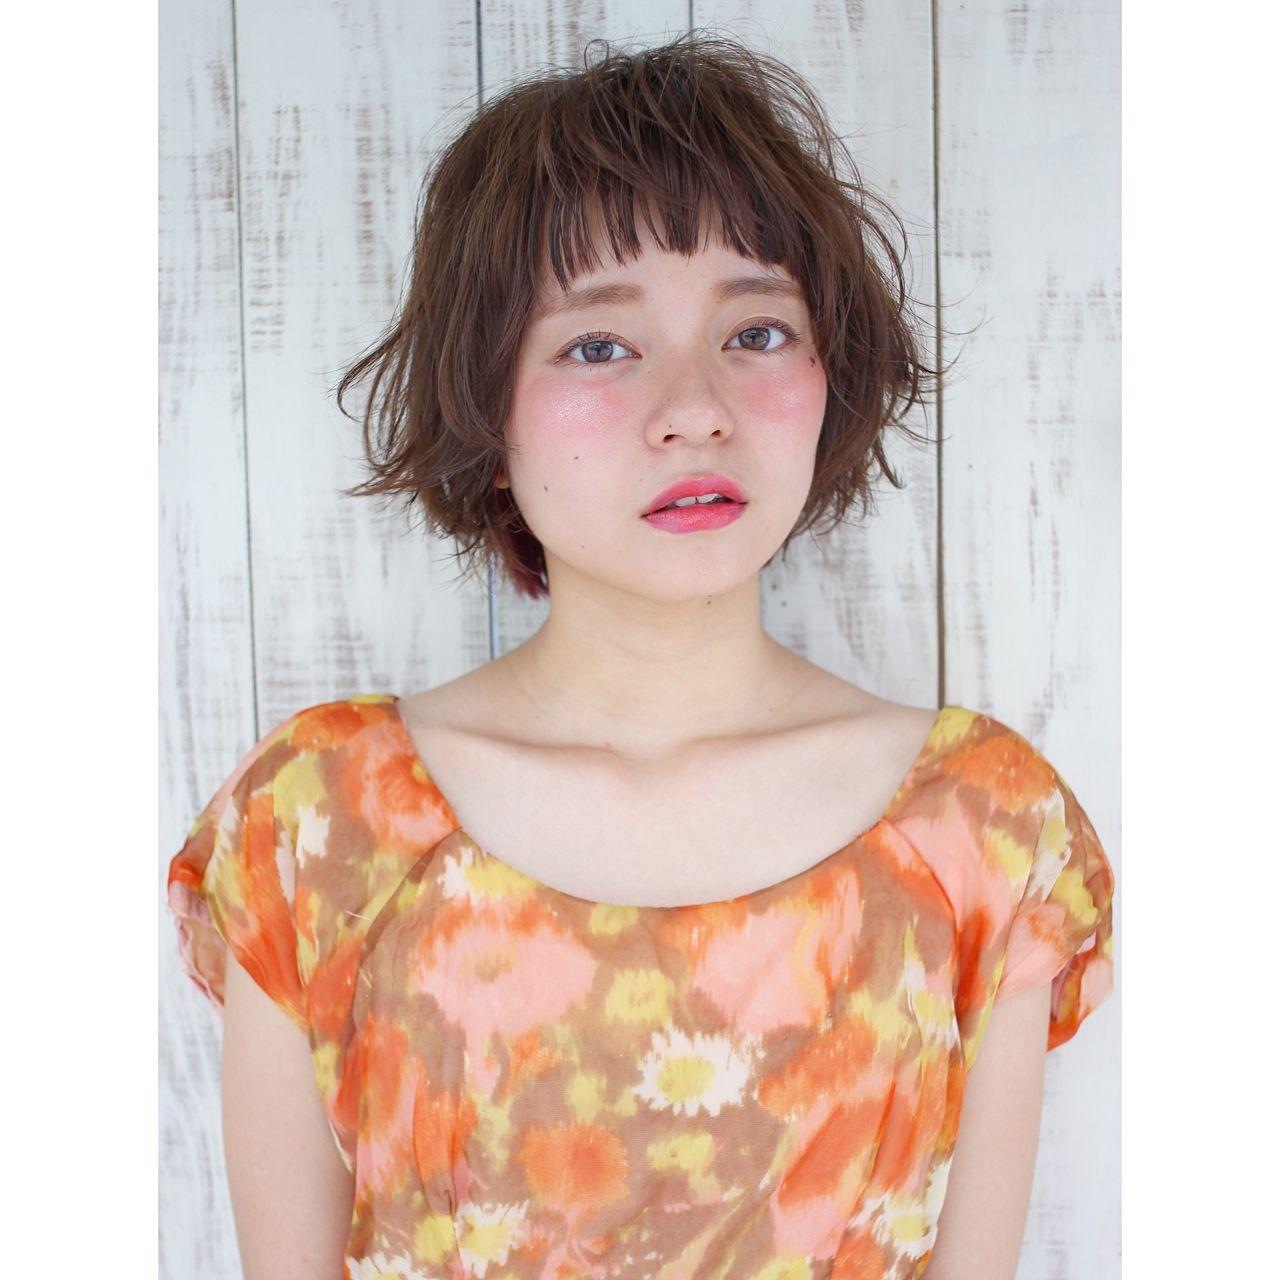 マンネリ化させない。ショートヘアさんのためのスタイリング講座。 浜本 忠勝 / koti BY broocH